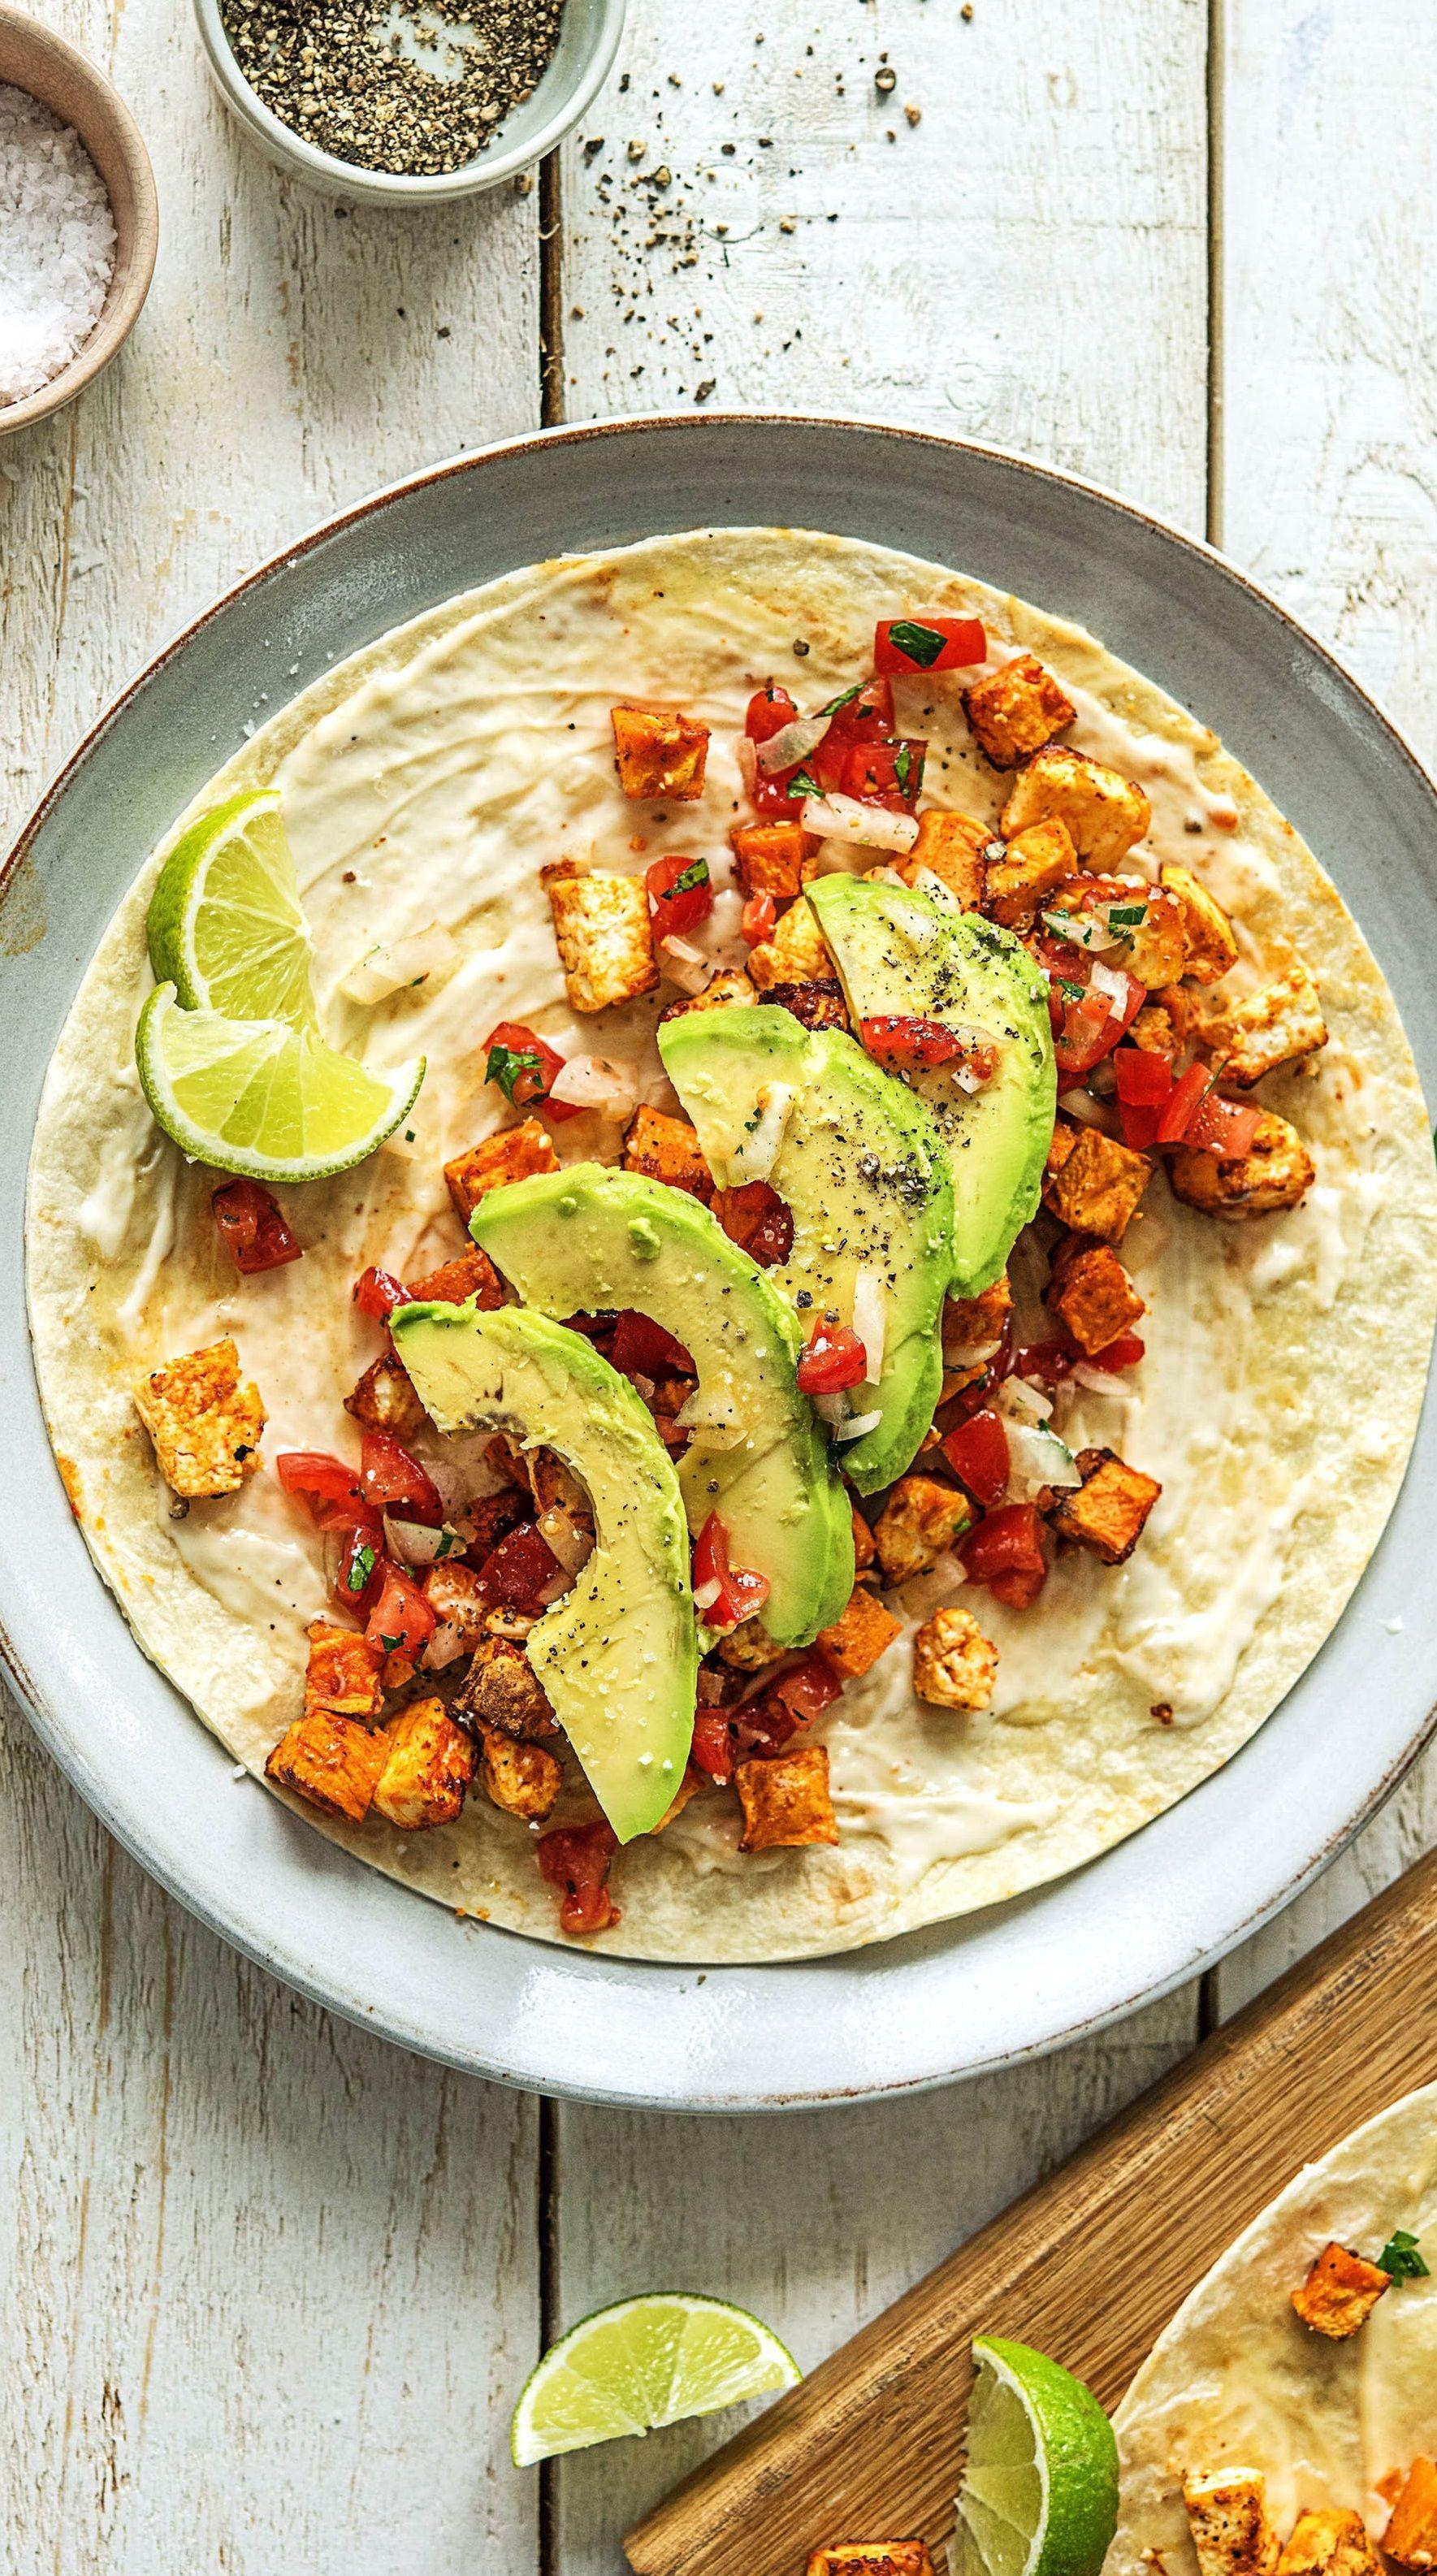 rauchige s kartoffel hirtenk se tacos mit selbst gemachter salsa und tabasco mayonnaise